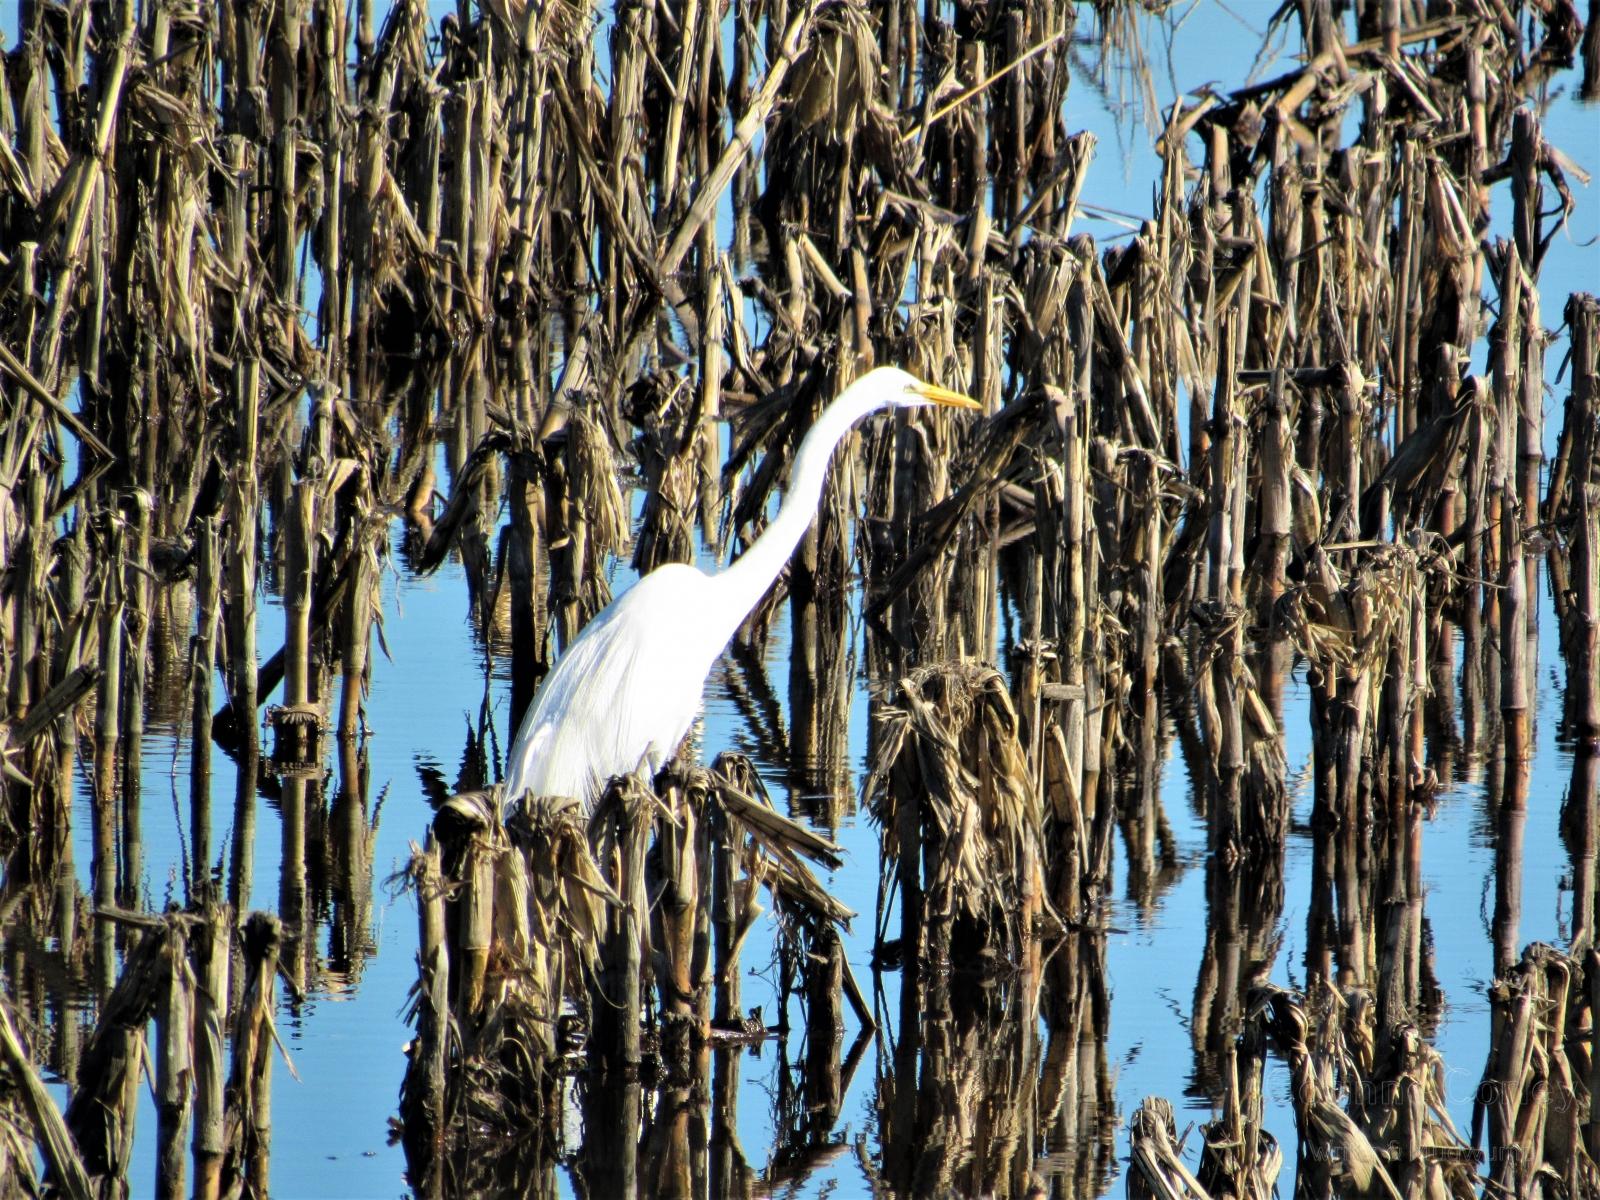 Egret-in-reeds-2